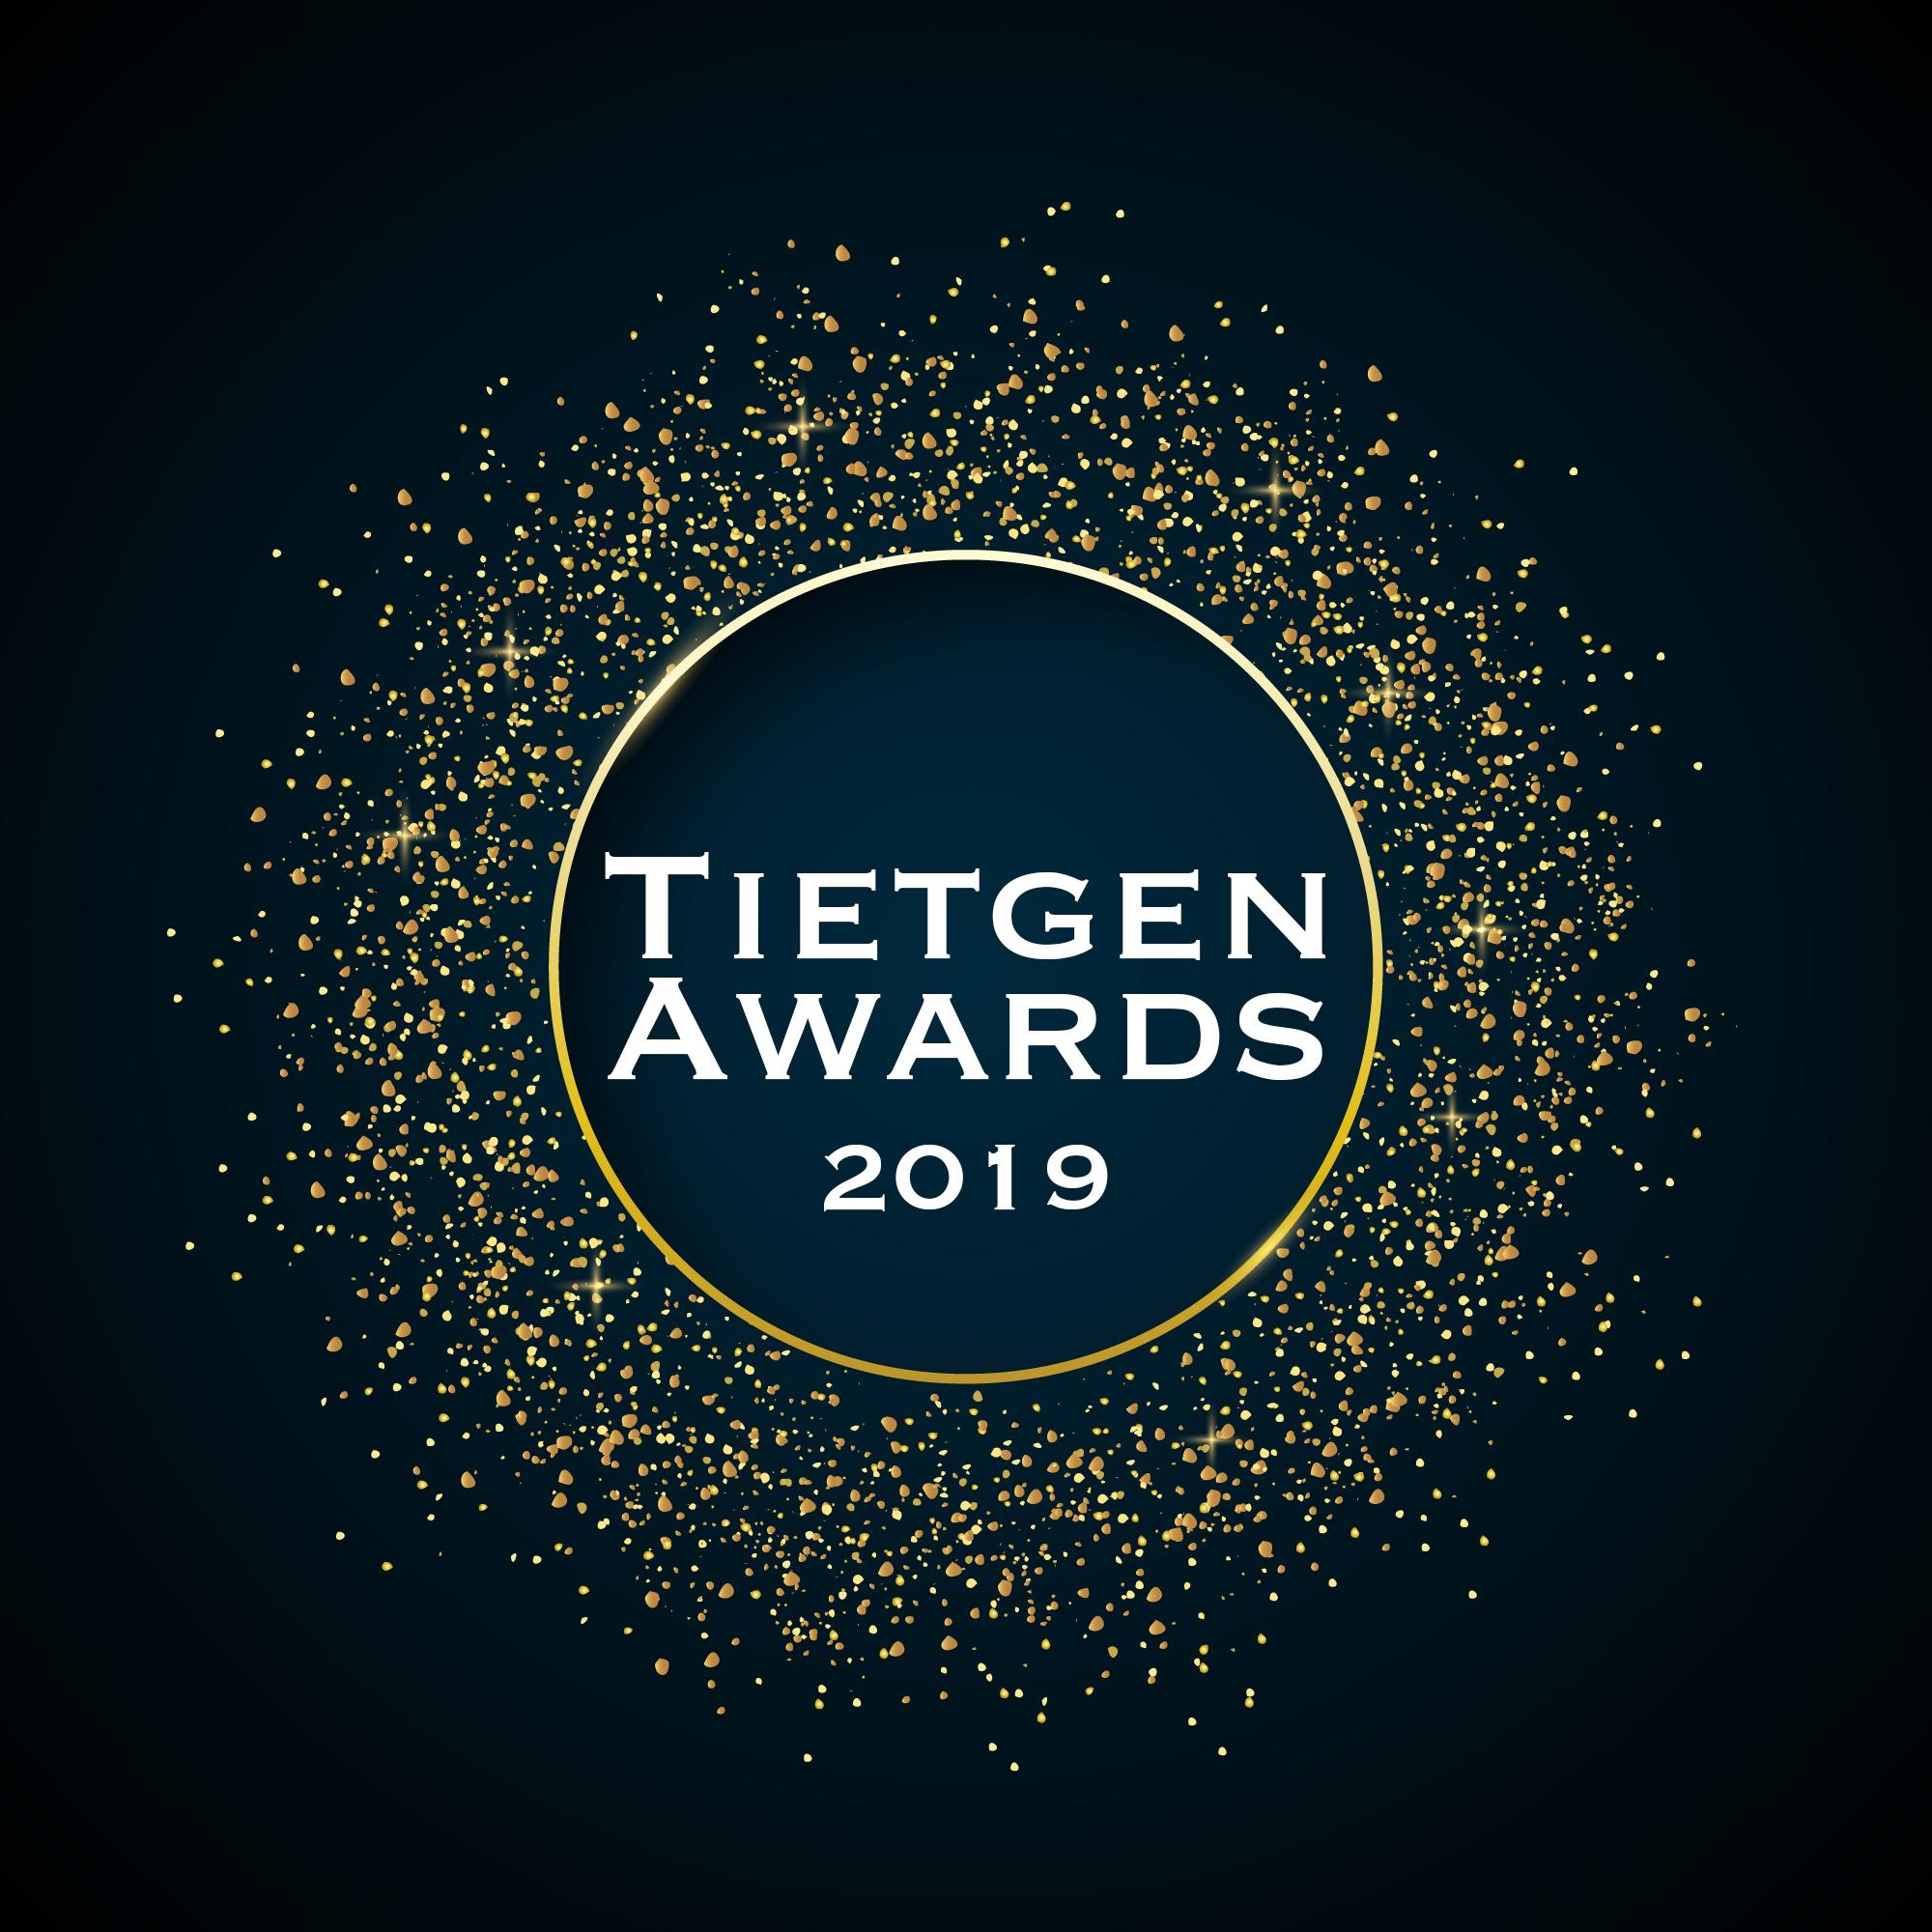 Tiegen Awards 2019.jpg